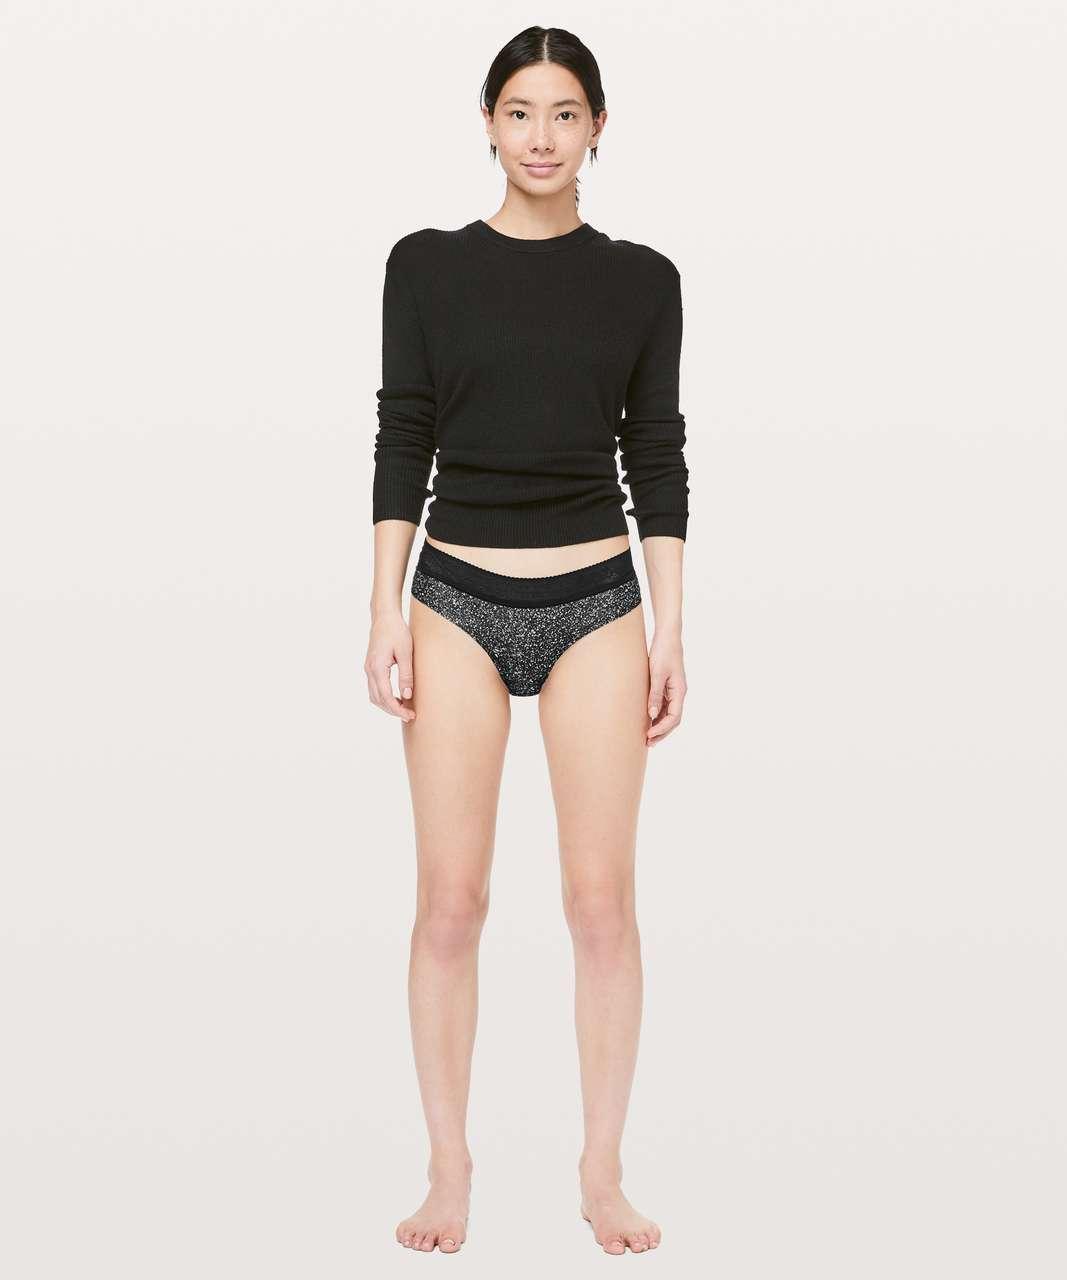 Lululemon Ever Essentials Bikini - Diffuse Starlight Black  / Black